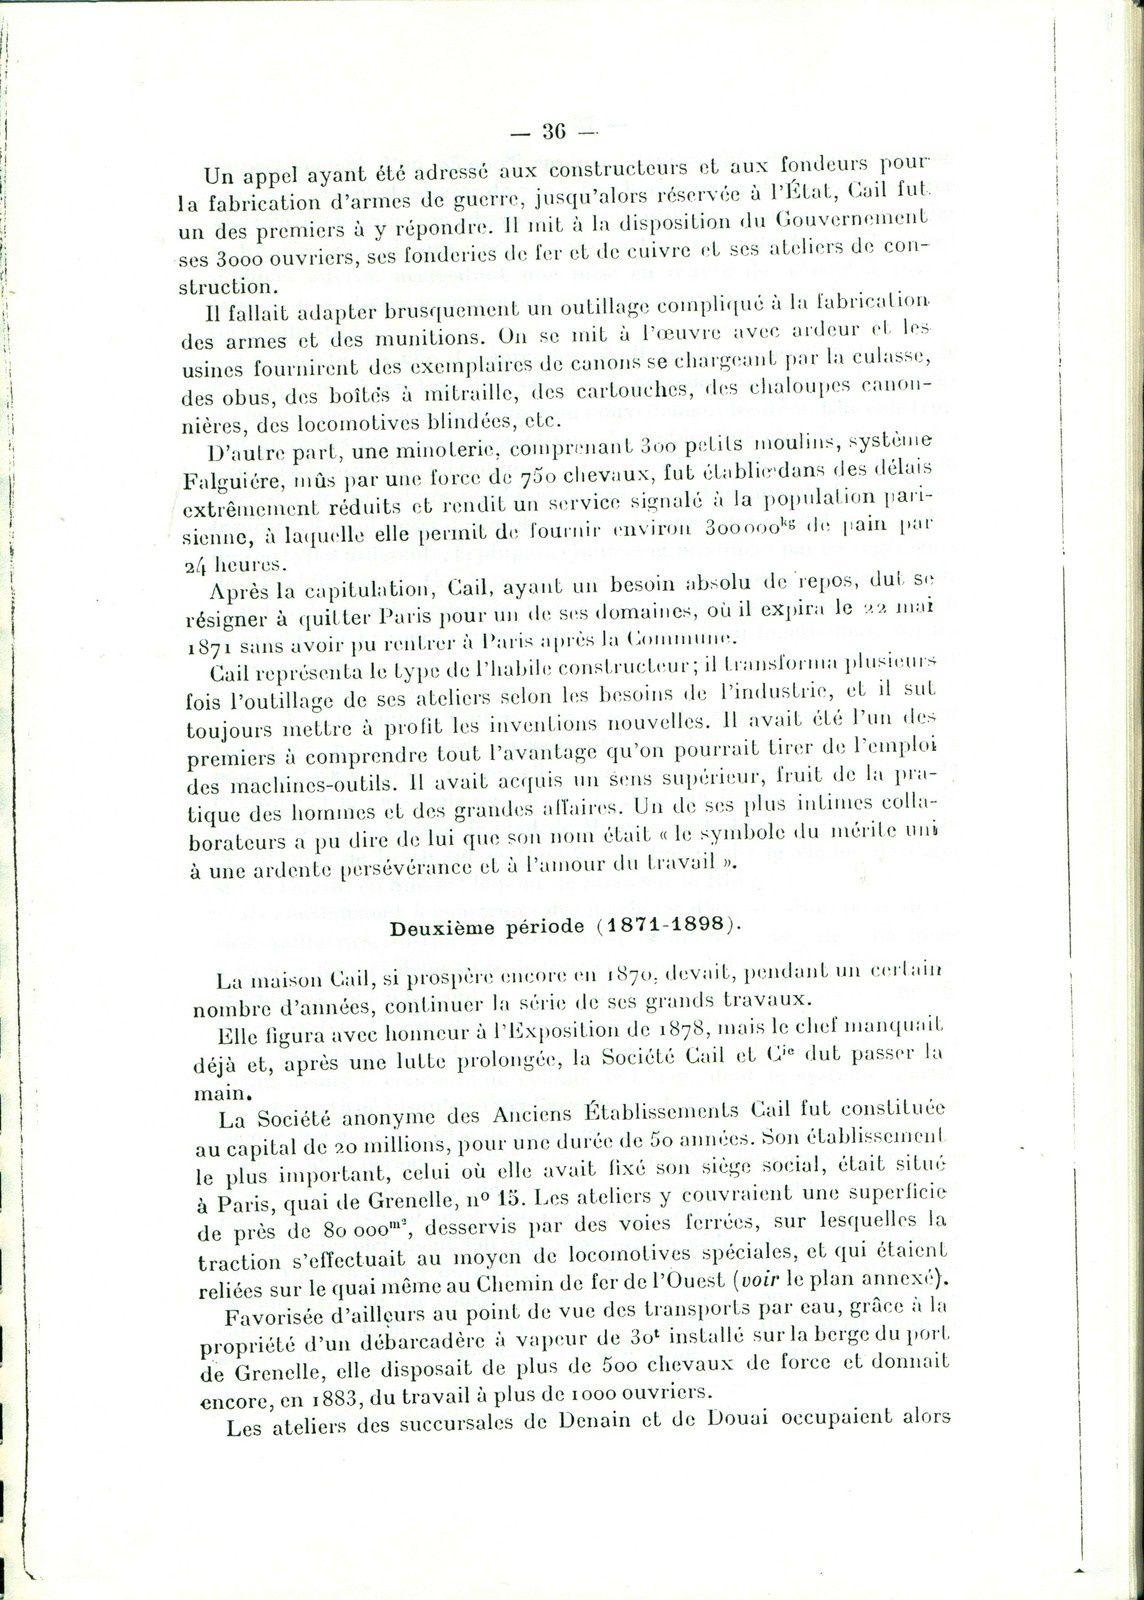 L e centenaire des Etablissements Cail de Denain